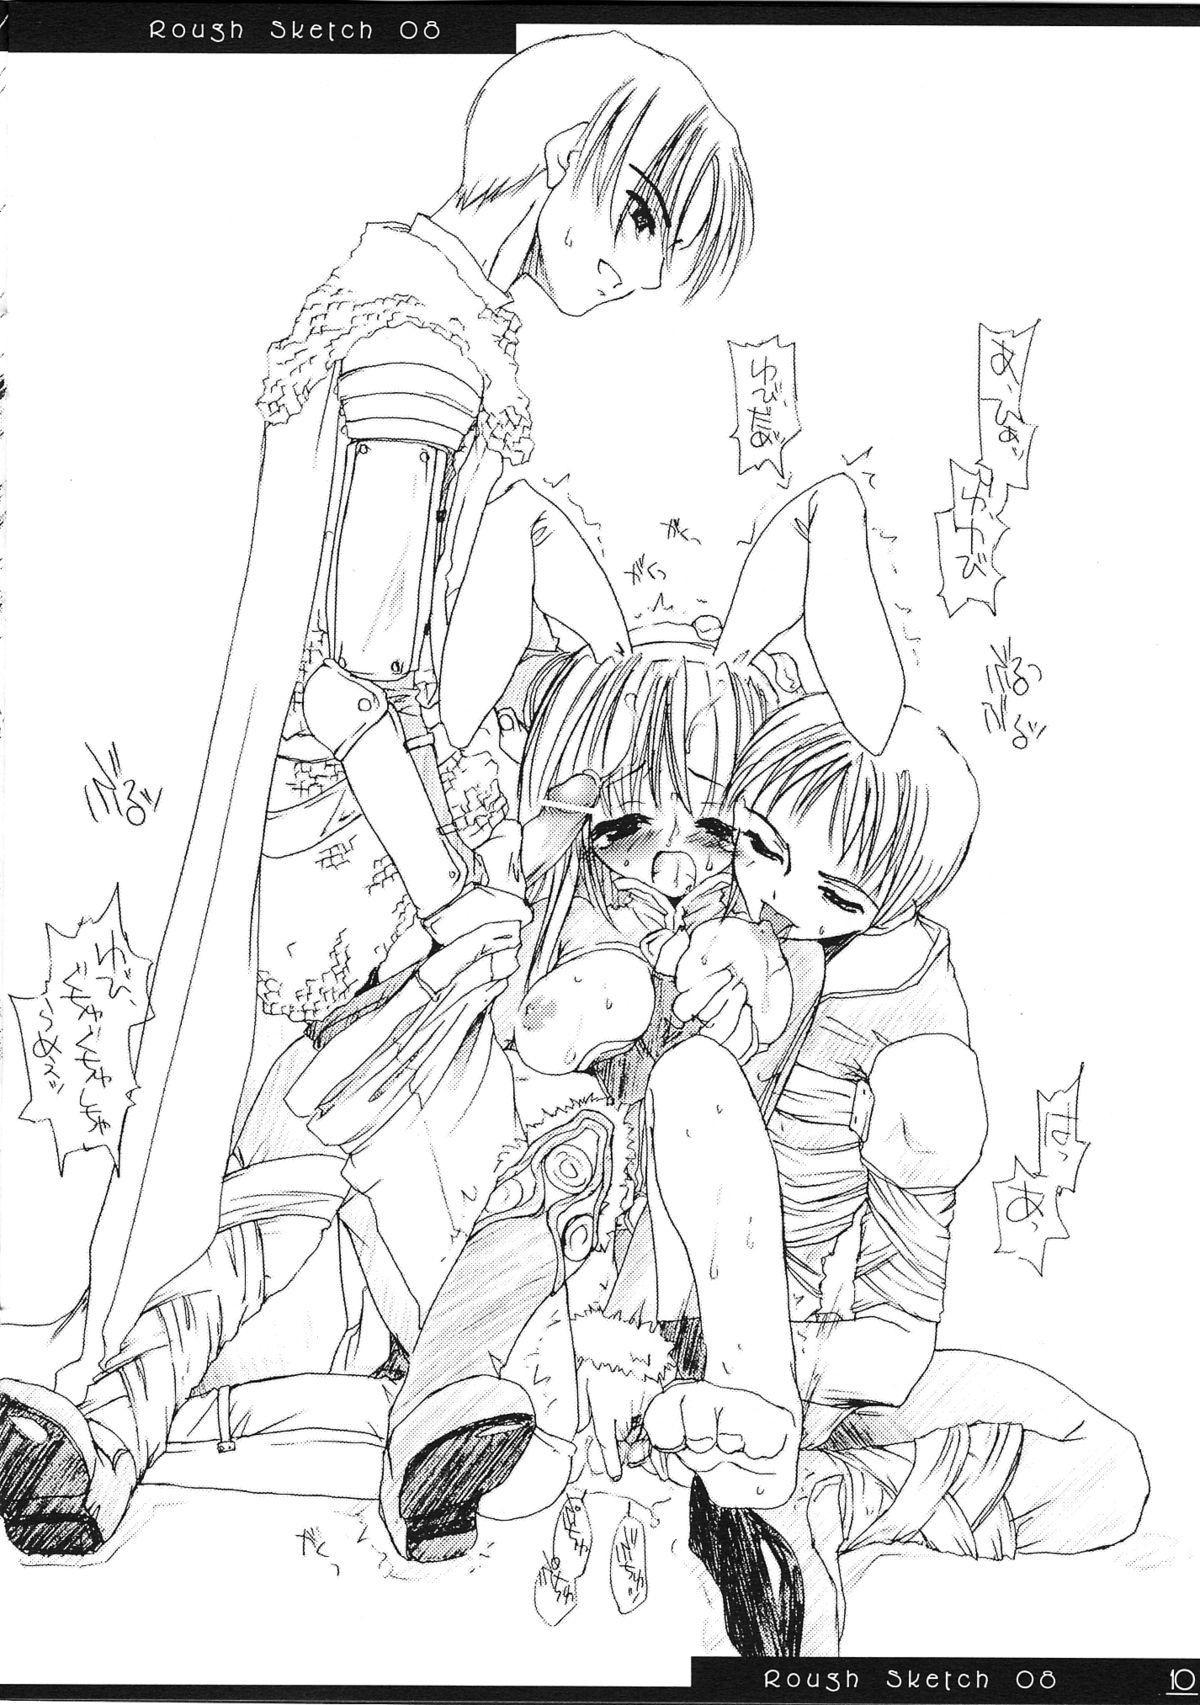 Rough Sketch 08 9